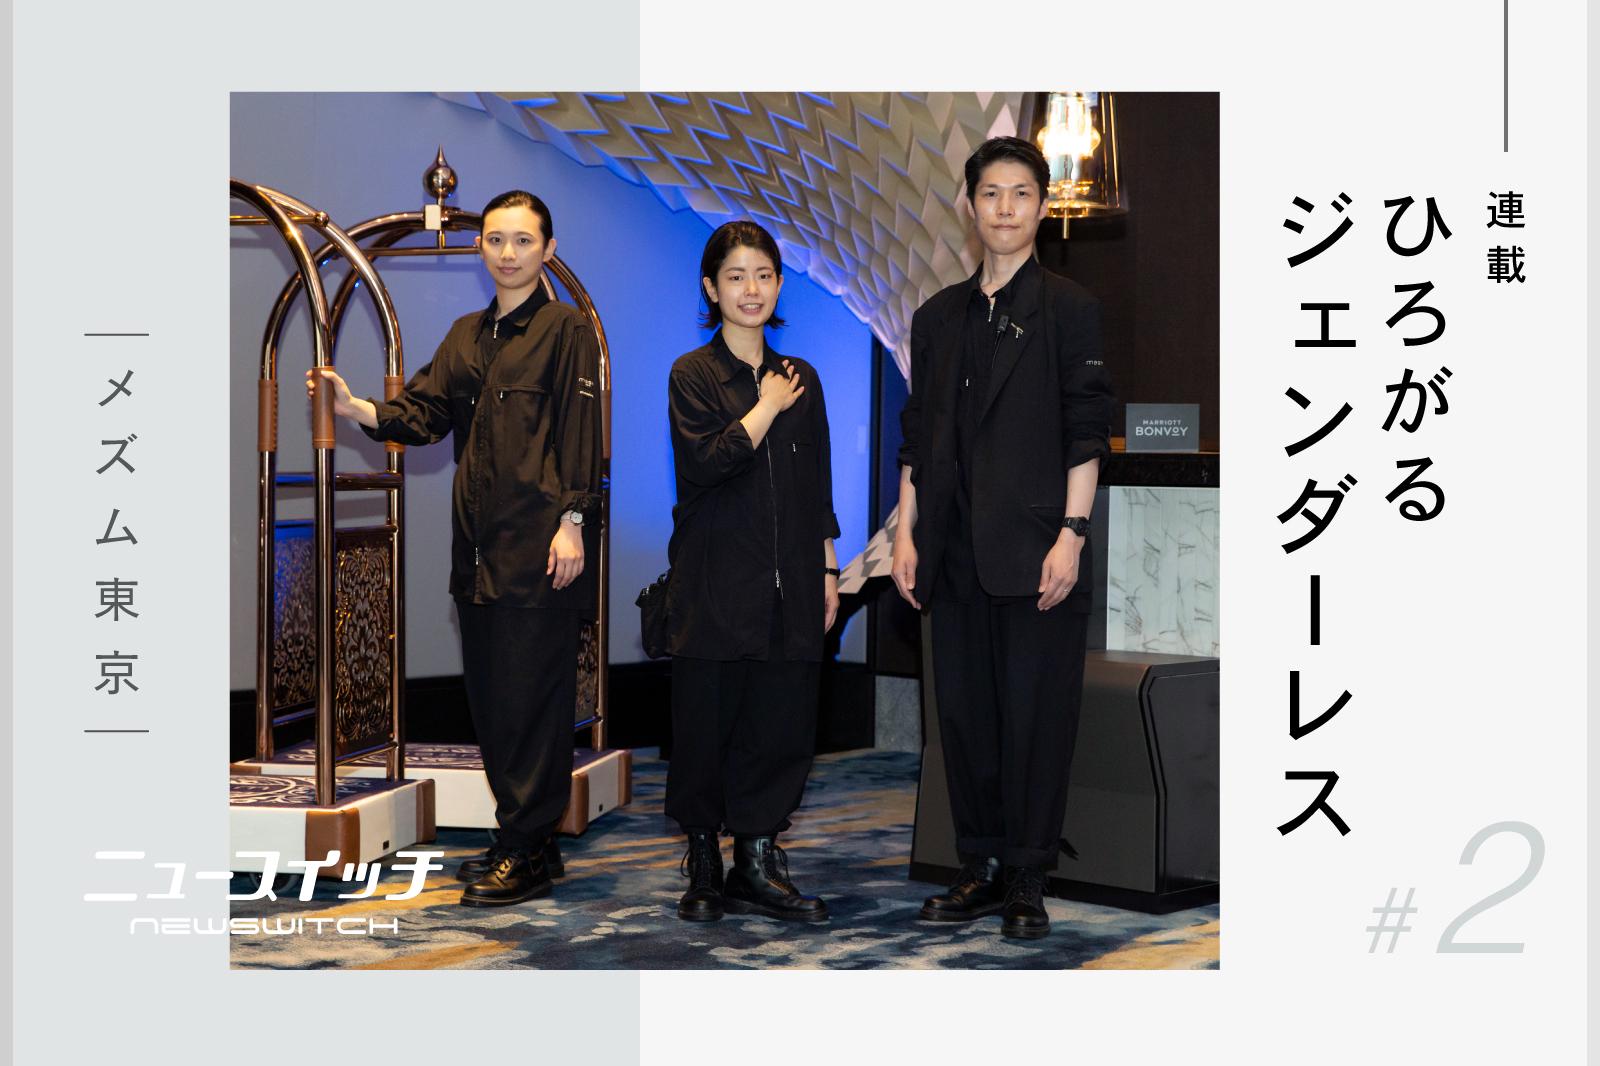 全員が同じ黒い制服のメズム東京、たった一つのルールは「かっこよく着る」こと